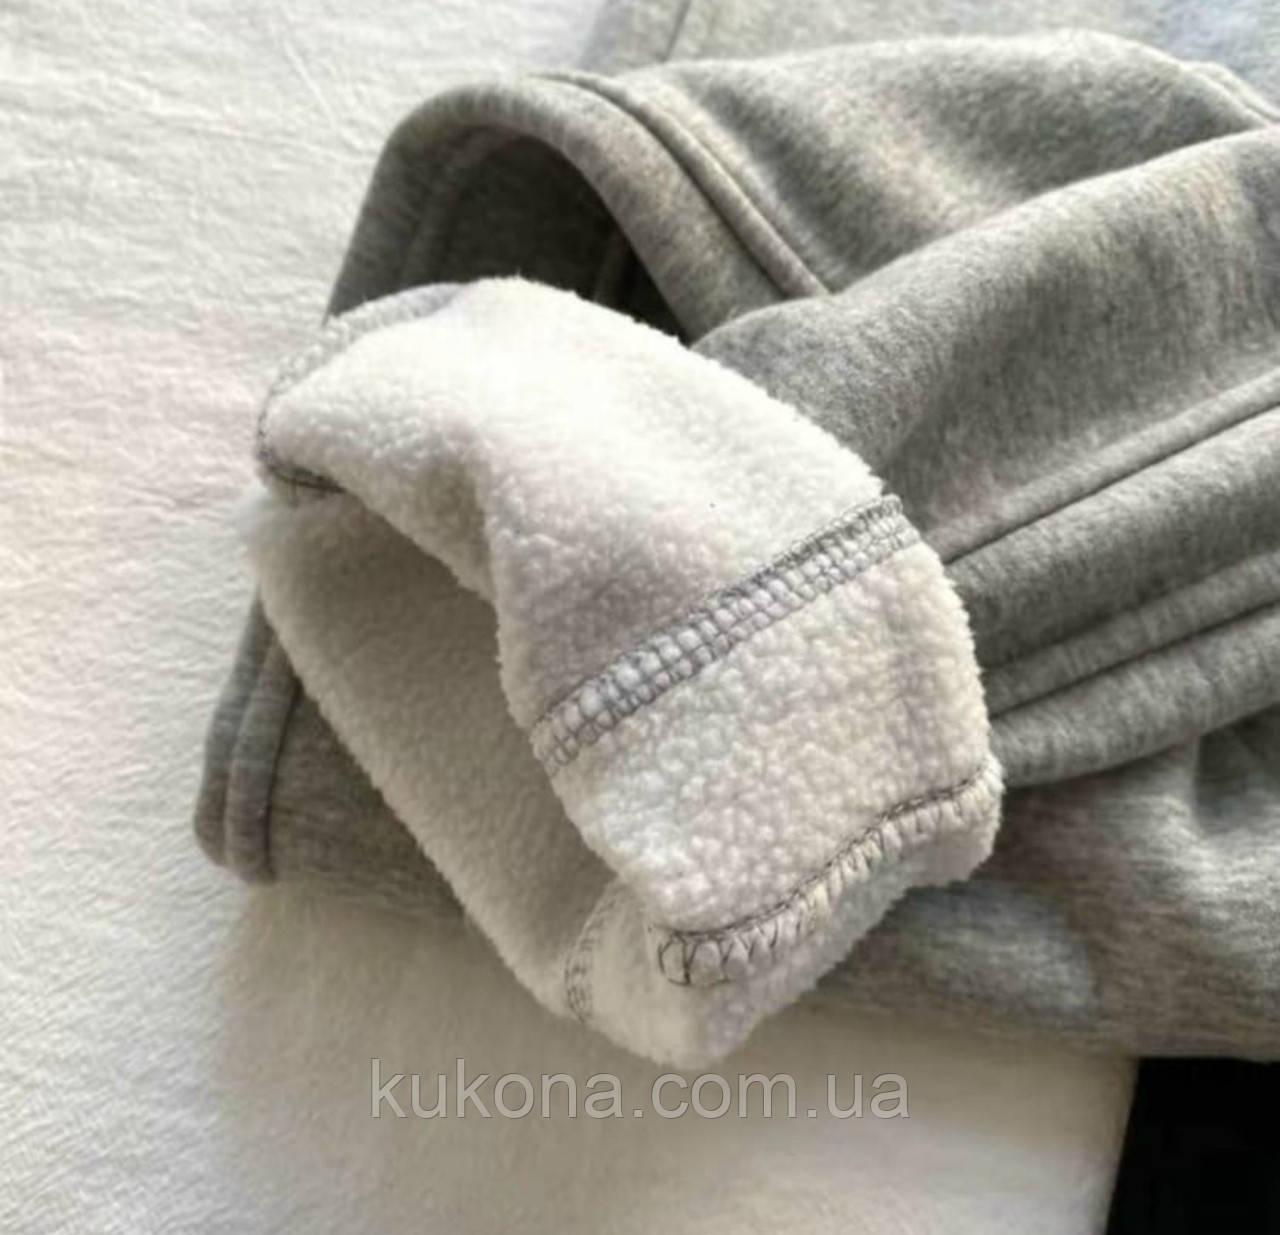 Топовые спортивные штаны женские Трехнить на флисе. Цвета:  черный, меланж  Размеры - 42-44, 44-46